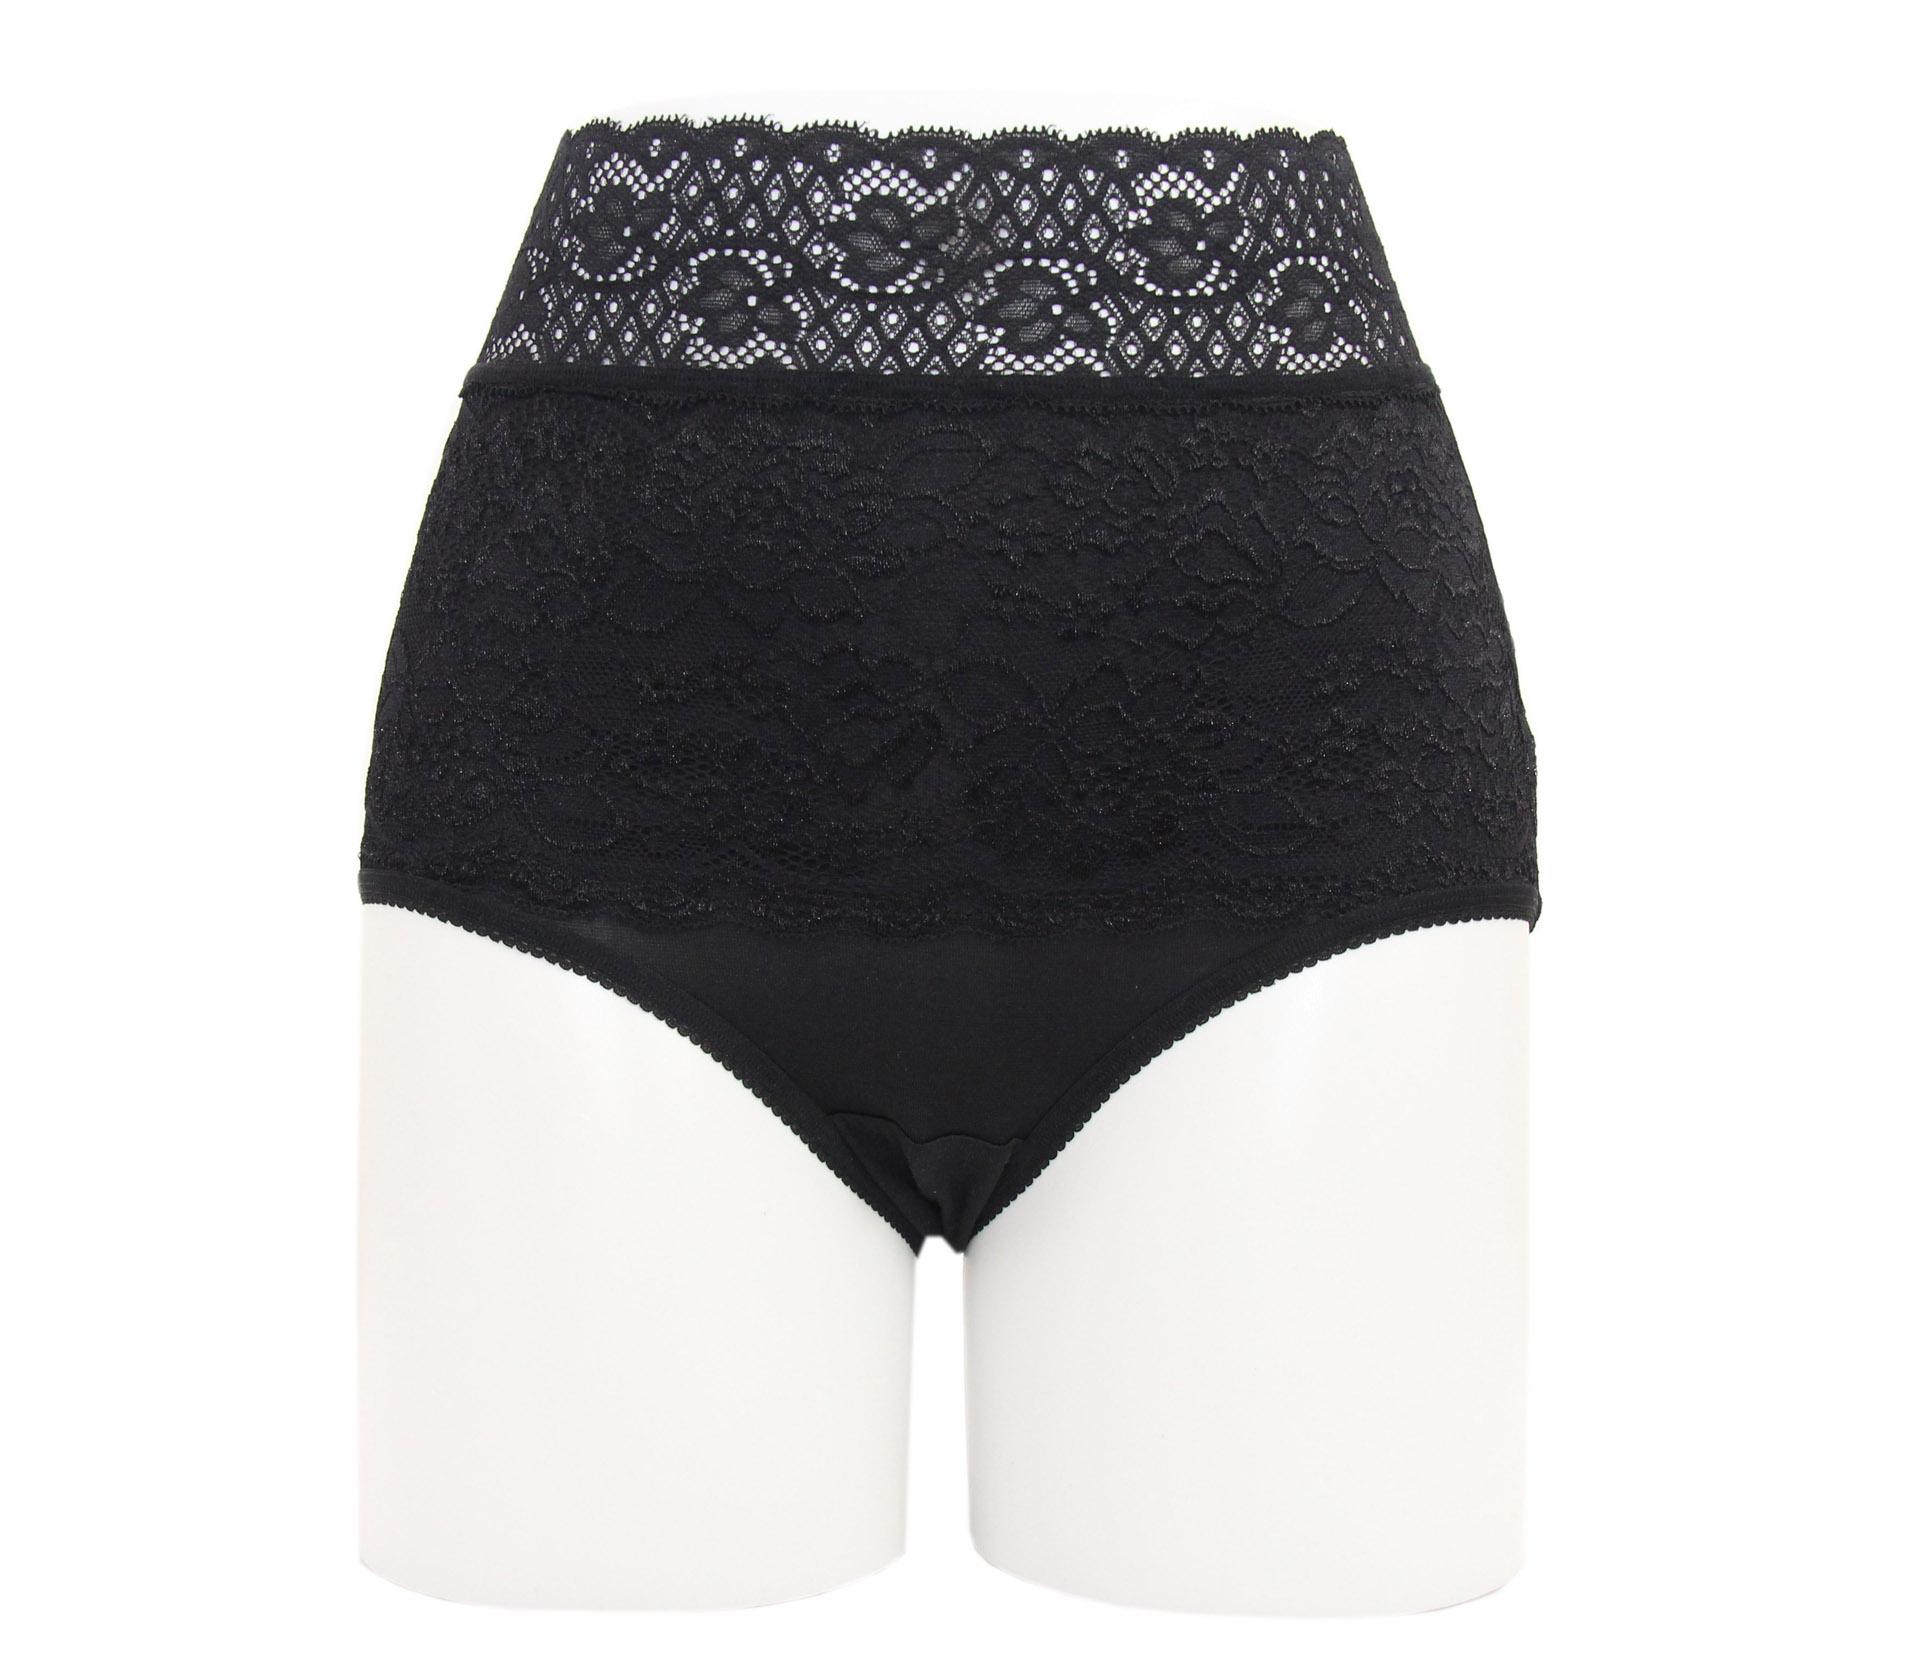 闕蘭絹素面高腰束褲- 黑色 - B802